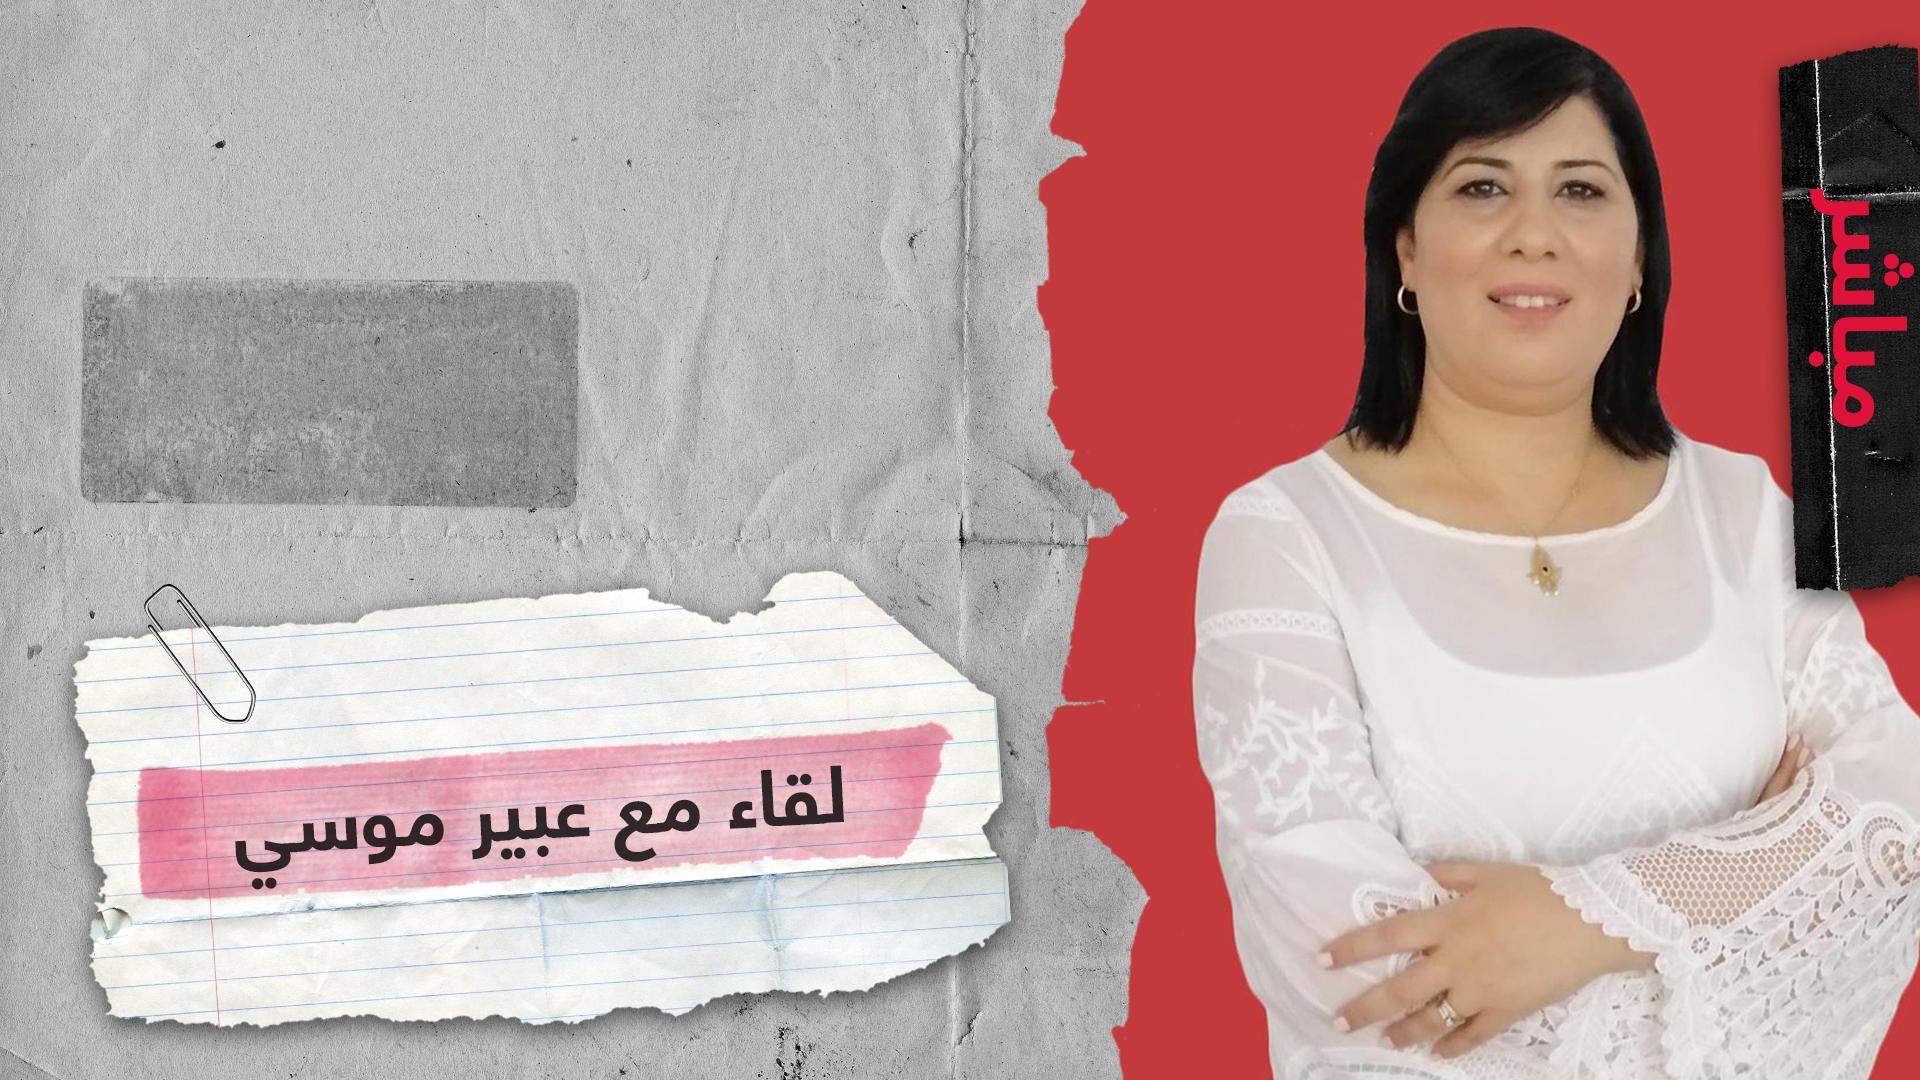 لقاء خاص مع عبير موسي رئيسة الحزب الدستوري الحر بتونس